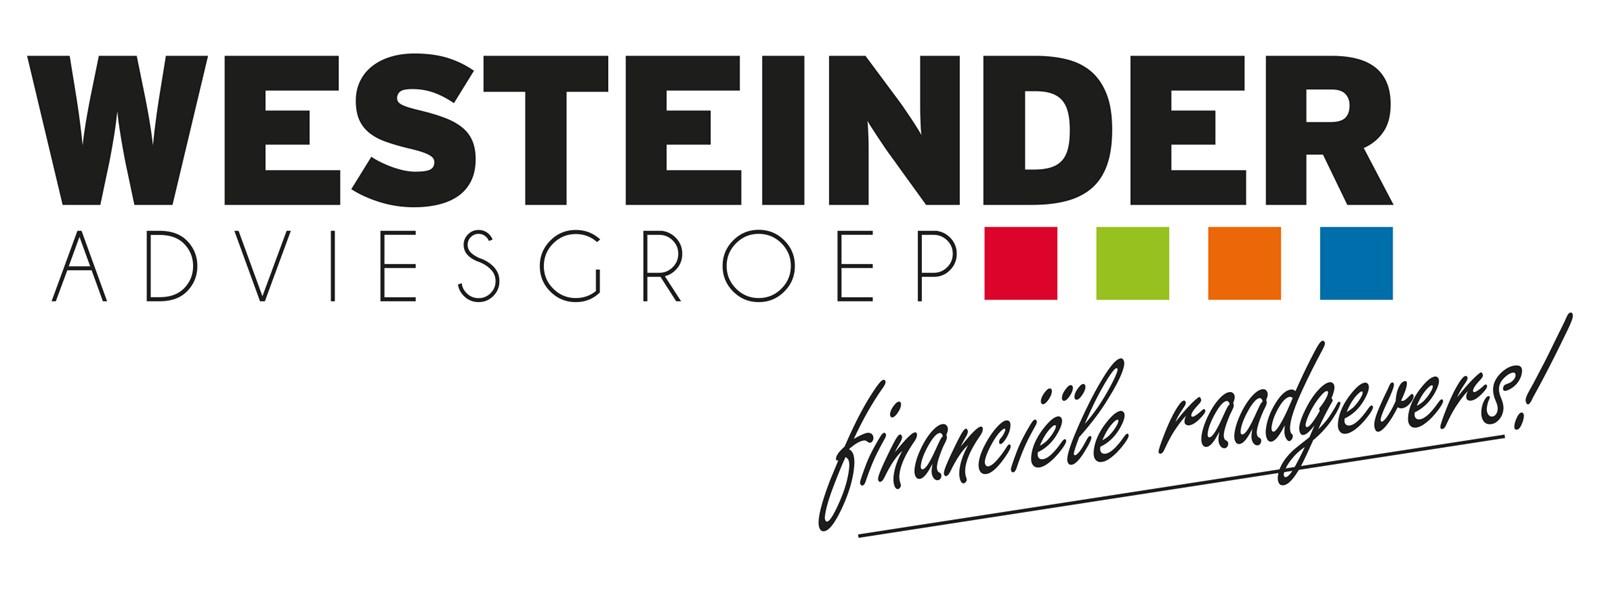 Logo van Westeinder Adviesgroep